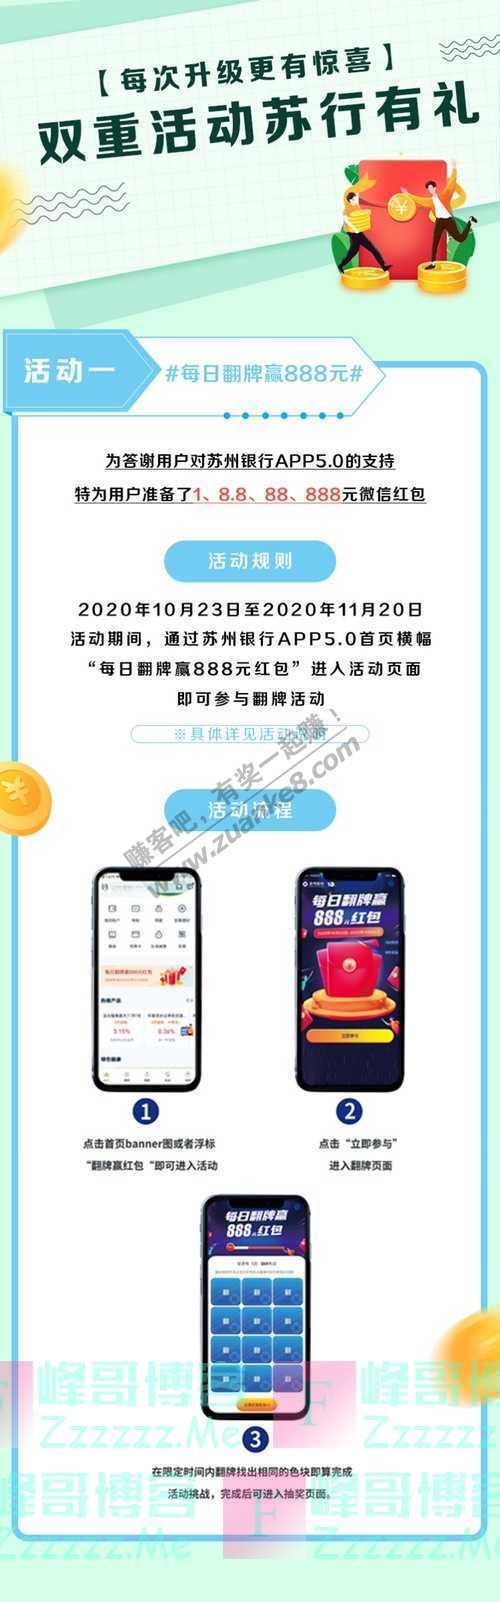 苏州银行苏州银行APP5.0上线啦,小牛电动车、888元红包...(11月22日截止)